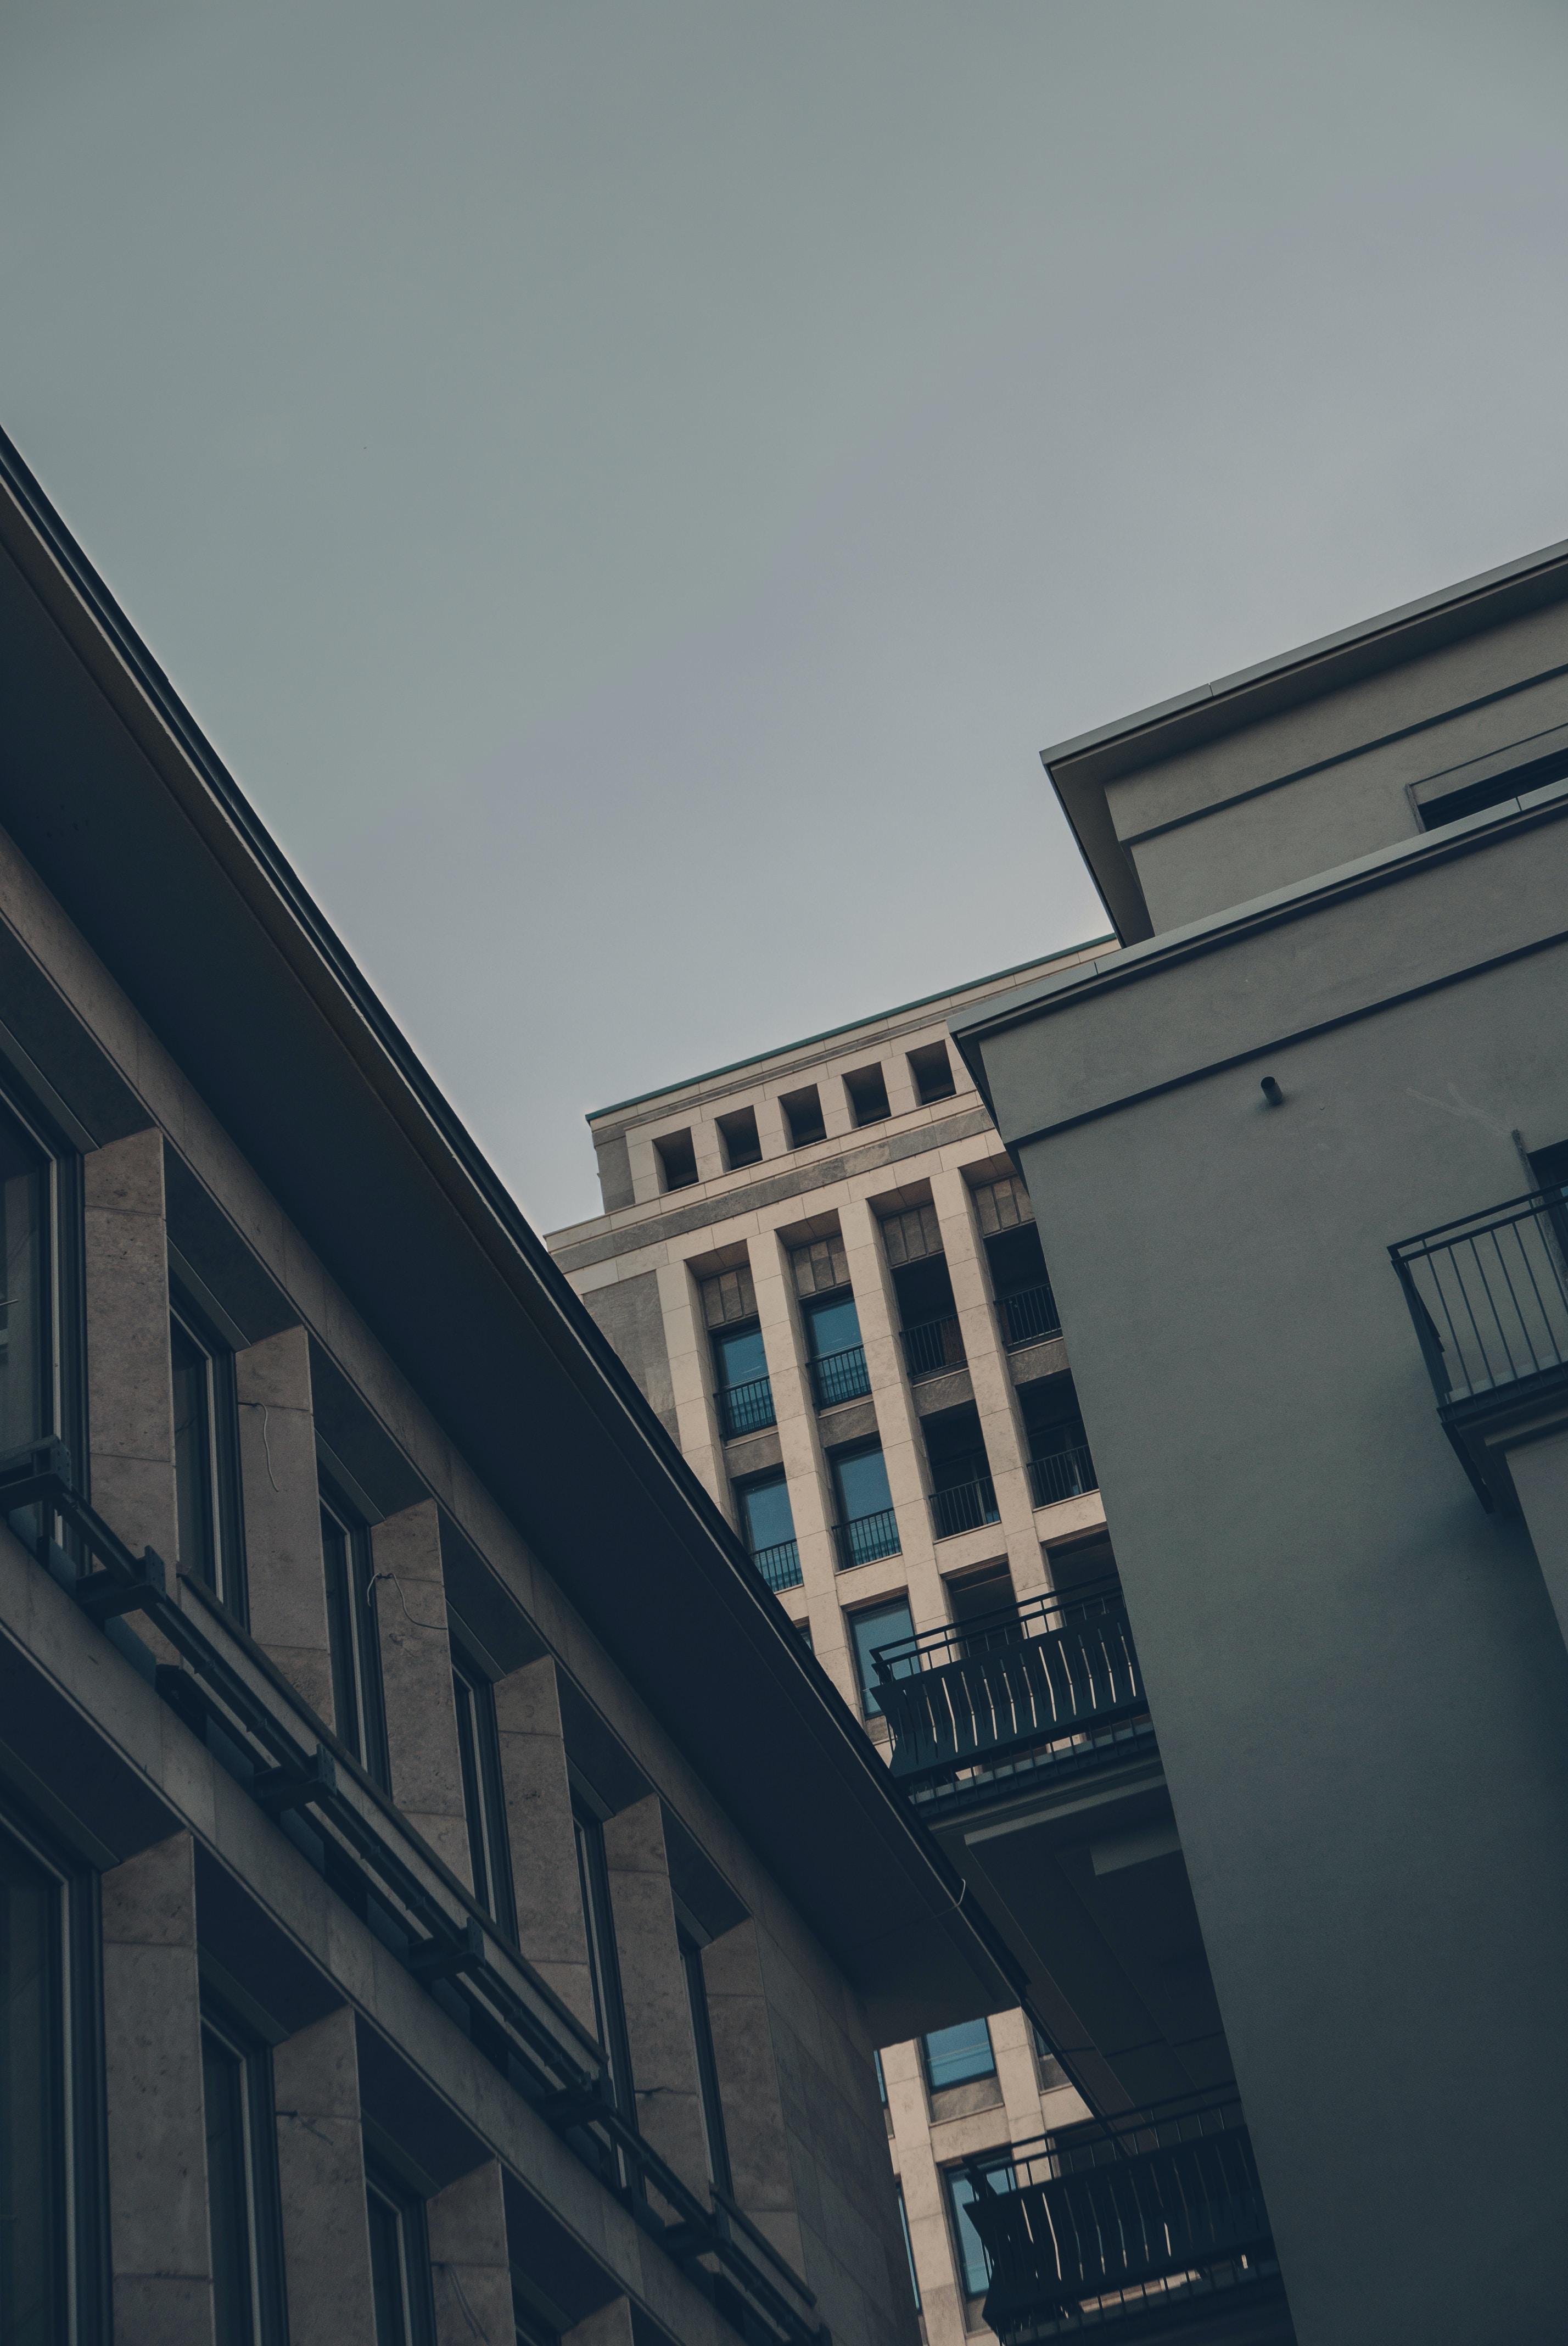 mid-rise concrete building